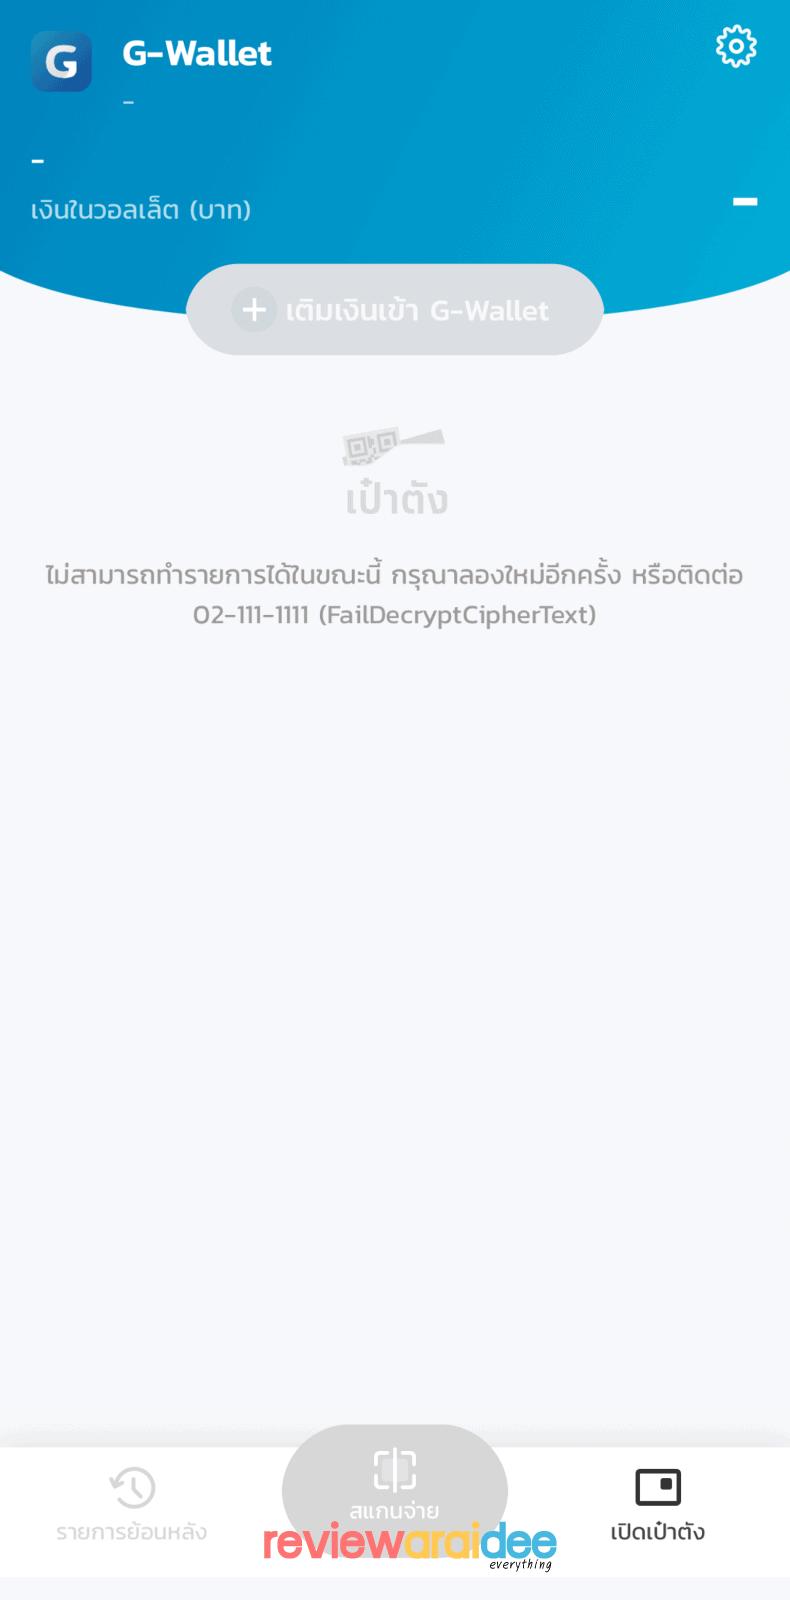 [ปัญหา] แอปเป๋าตัง เด้งข้อความว่า ขออภัยค่ะ ไม่สามารถทํารายการได้ในขณะนี้ กรุณาลองใหม่อีกครั้ง หรือติดต่อ 02-111-1111